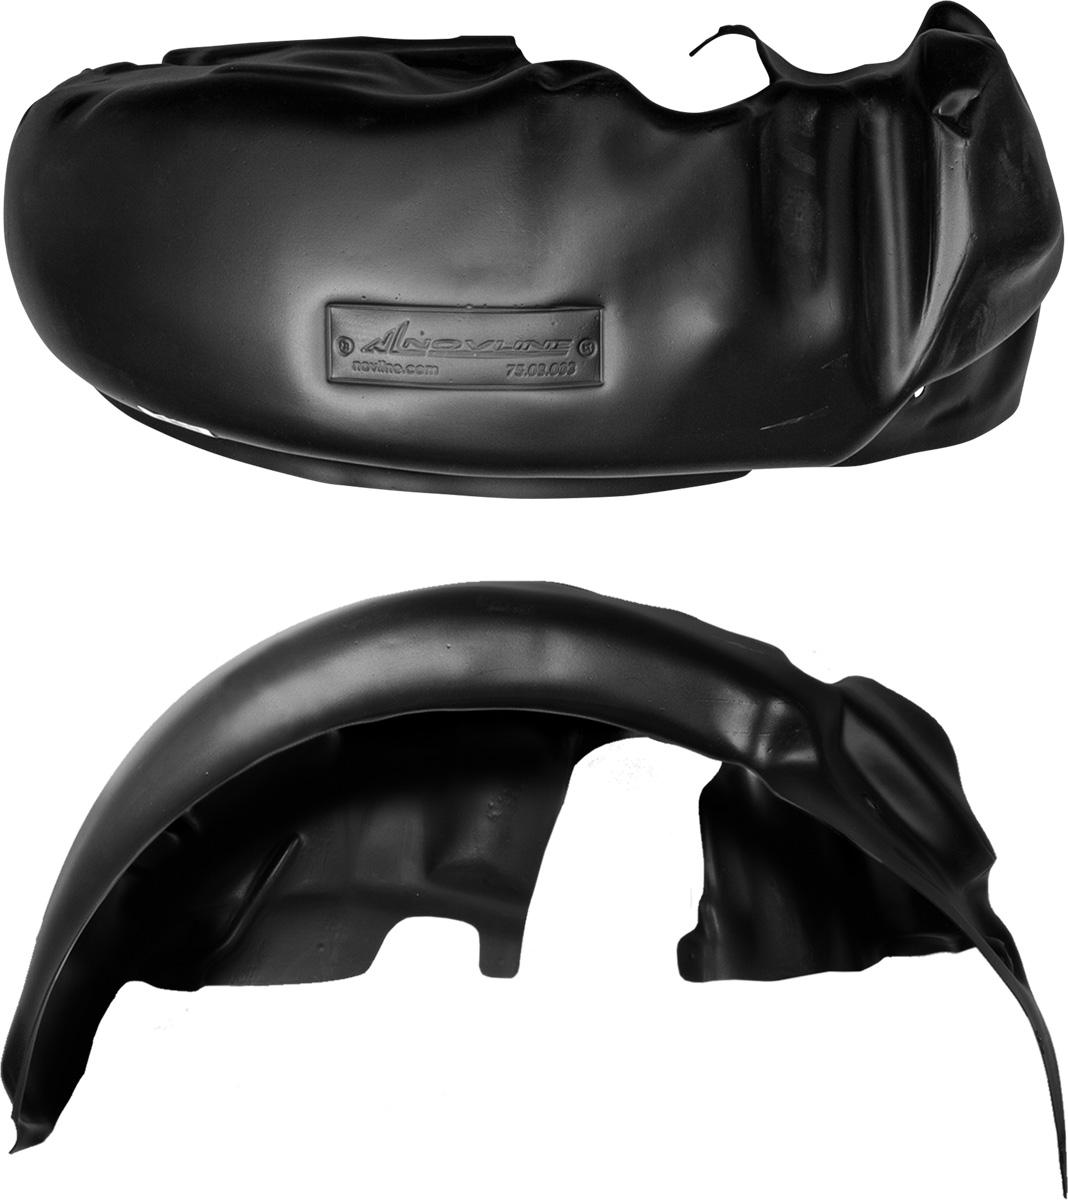 Подкрылок Novline-Autofamily, для NISSAN Juke 2WD 2010-2014, 2014-, задний левый1004900000360Колесные ниши – одни из самых уязвимых зон днища вашего автомобиля. Они постоянно подвергаются воздействию со стороны дороги. Лучшая, почти абсолютная защита для них - специально отформованные пластиковые кожухи, которые называются подкрылками, или локерами. Производятся они как для отечественных моделей автомобилей, так и для иномарок. Подкрылки выполнены из высококачественного, экологически чистого пластика. Обеспечивают надежную защиту кузова автомобиля от пескоструйного эффекта и негативного влияния, агрессивных антигололедных реагентов. Пластик обладает более низкой теплопроводностью, чем металл, поэтому в зимний период эксплуатации использование пластиковых подкрылков позволяет лучше защитить колесные ниши от налипания снега и образования наледи. Оригинальность конструкции подчеркивает элегантность автомобиля, бережно защищает нанесенное на днище кузова антикоррозийное покрытие и позволяет осуществить крепление подкрылков внутри колесной арки практически без дополнительного крепежа и сверления, не нарушая при этом лакокрасочного покрытия, что предотвращает возникновение новых очагов коррозии. Технология крепления подкрылков на иномарки принципиально отличается от крепления на российские автомобили и разрабатывается индивидуально для каждой модели автомобиля. Подкрылки долговечны, обладают высокой прочностью и сохраняют заданную форму, а также все свои физико-механические характеристики в самых тяжелых климатических условиях ( от -50° С до + 50° С).